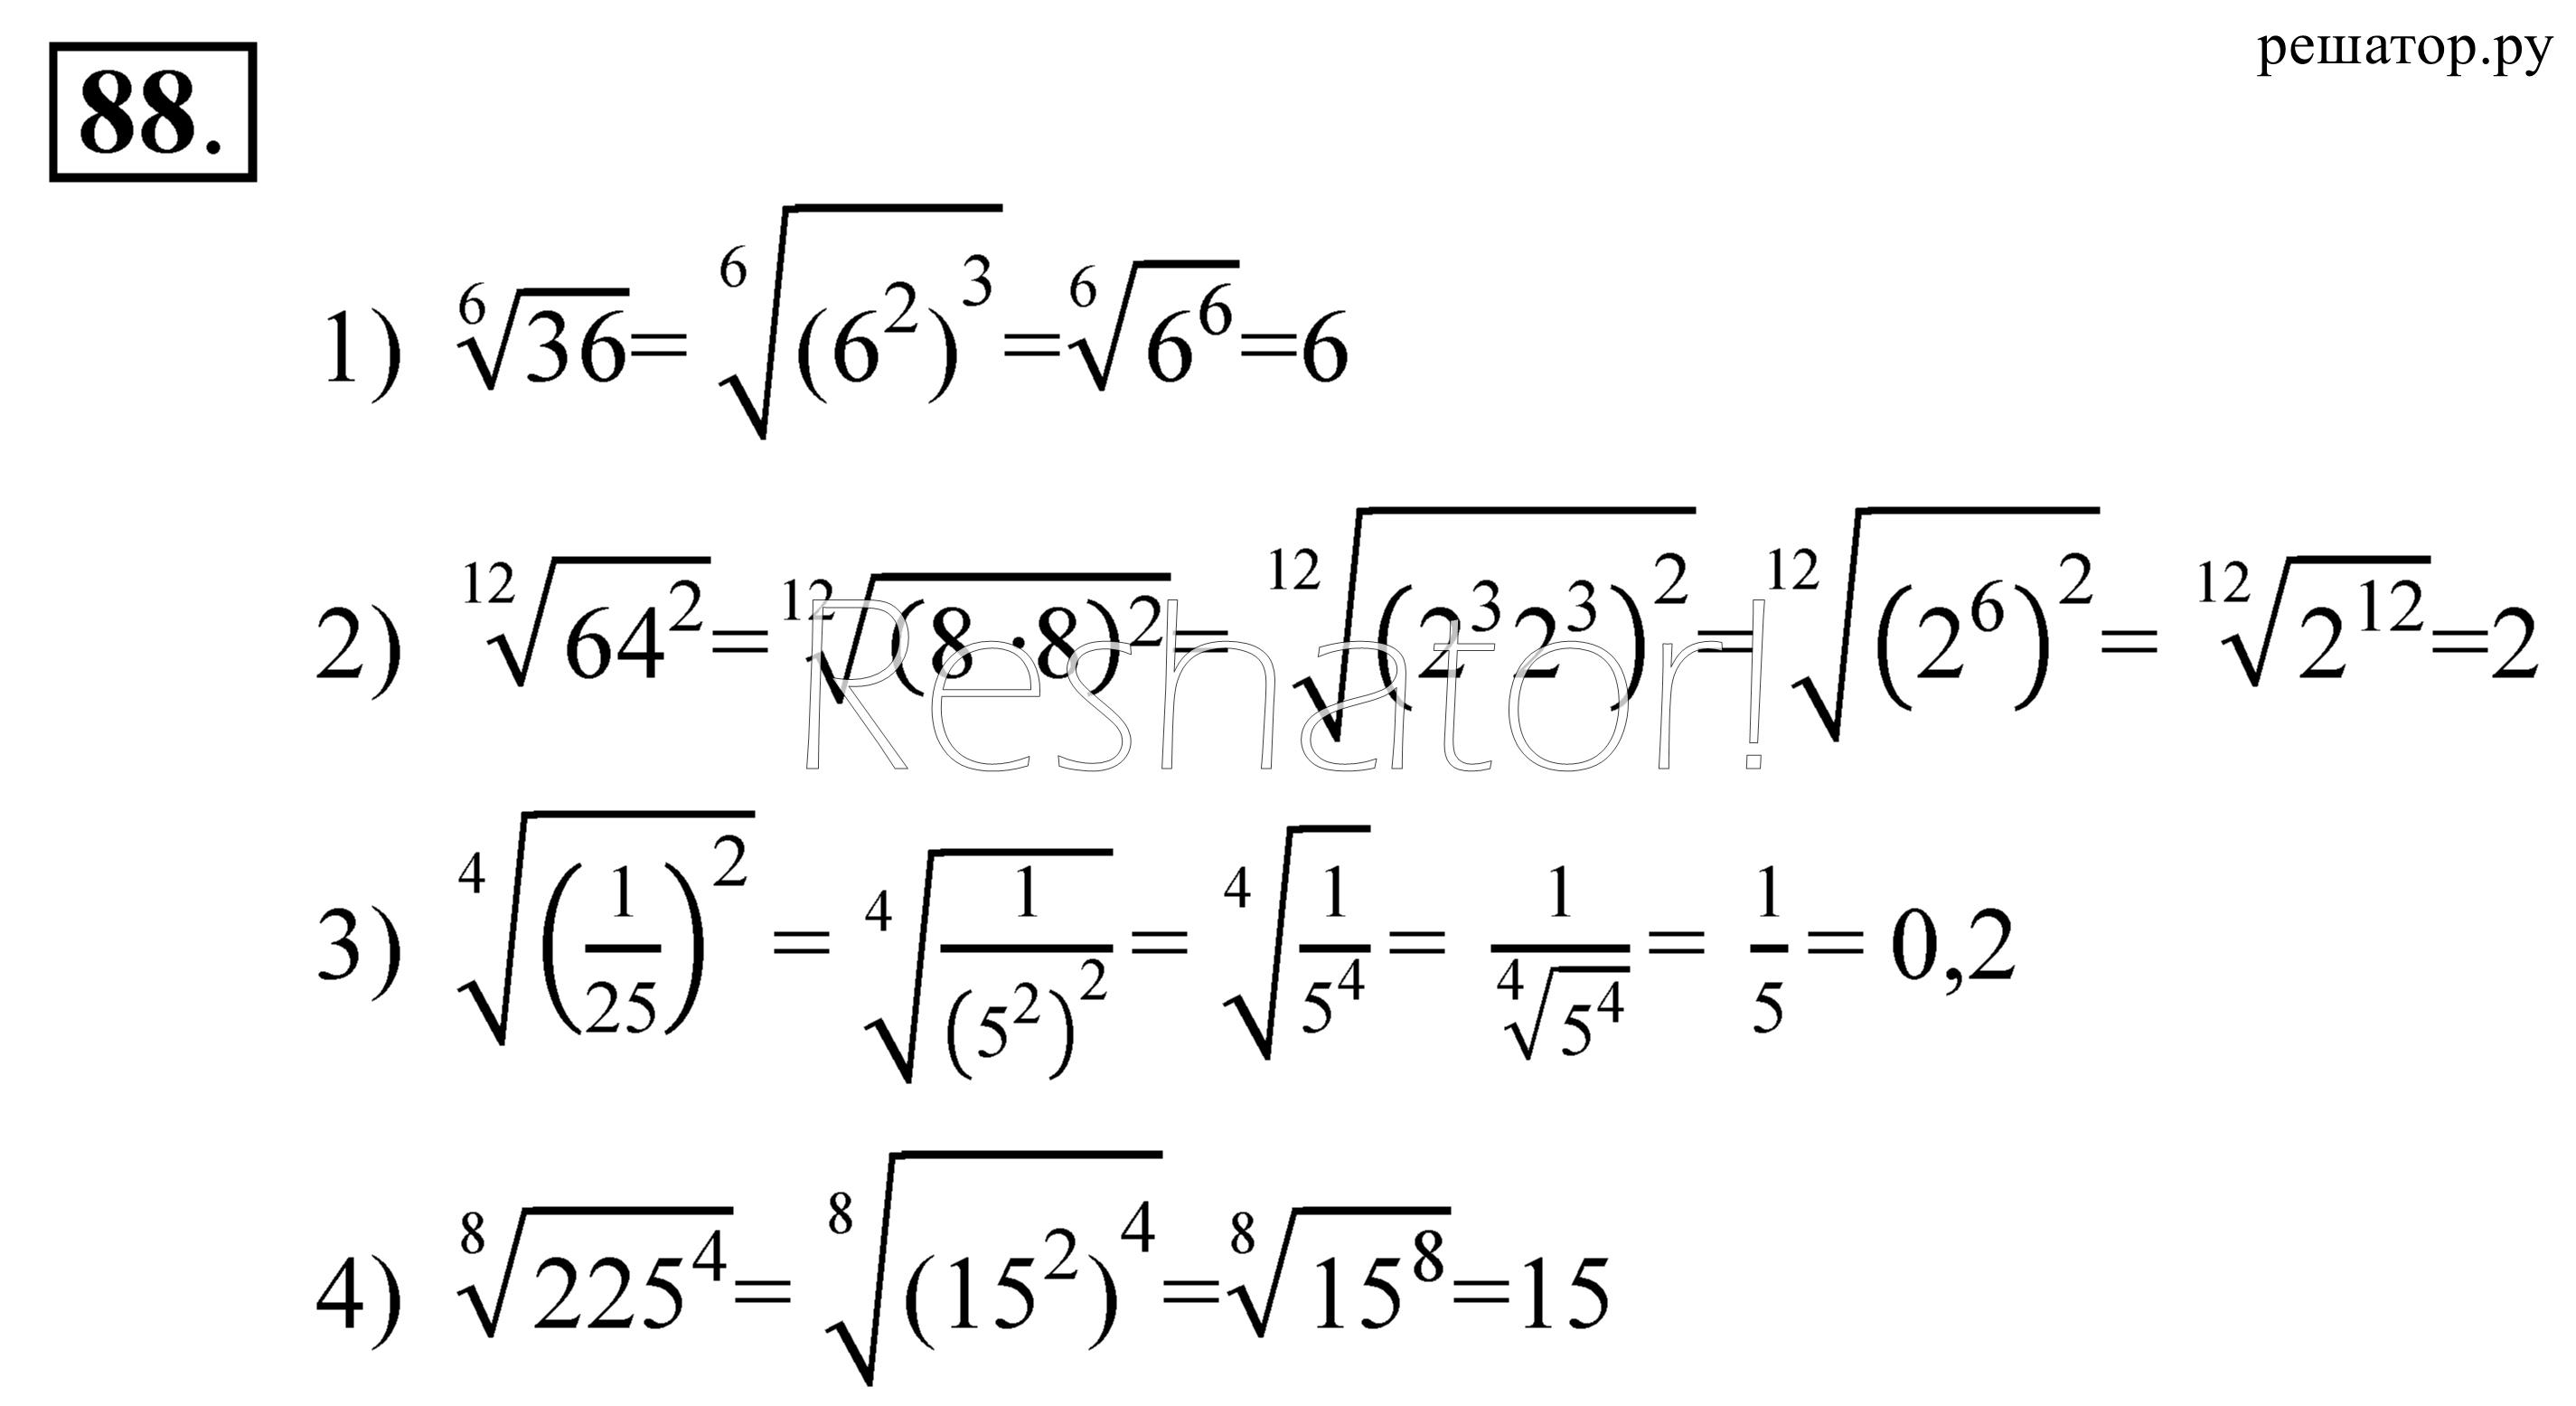 Решебник по алгебре для 9 класса алимов онлайн номер